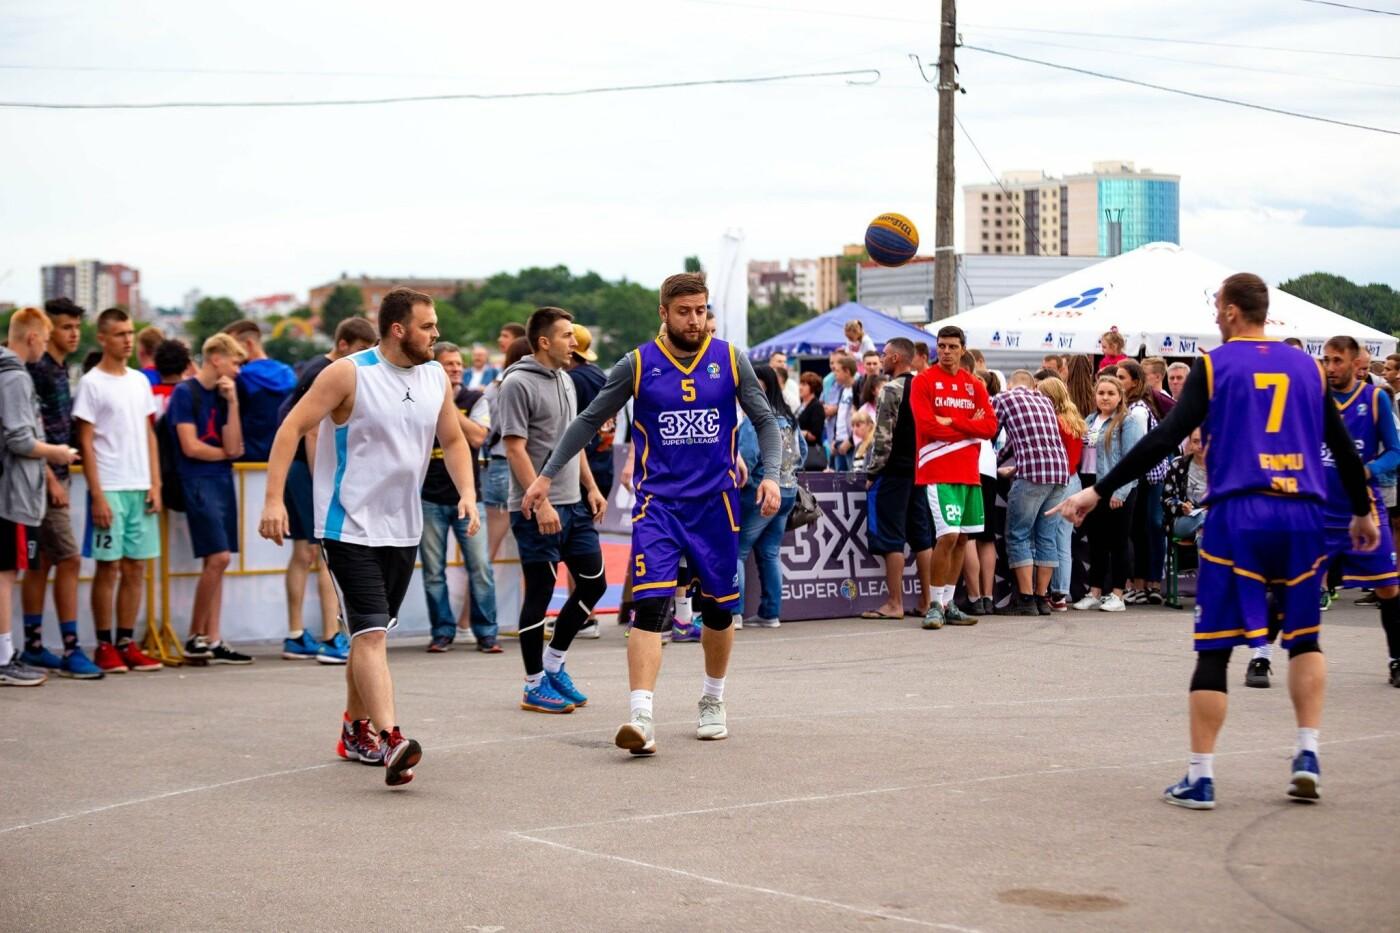 У Хмельницькому пройшов молодіжний фестиваль до Дня Молоді (фото), фото-3